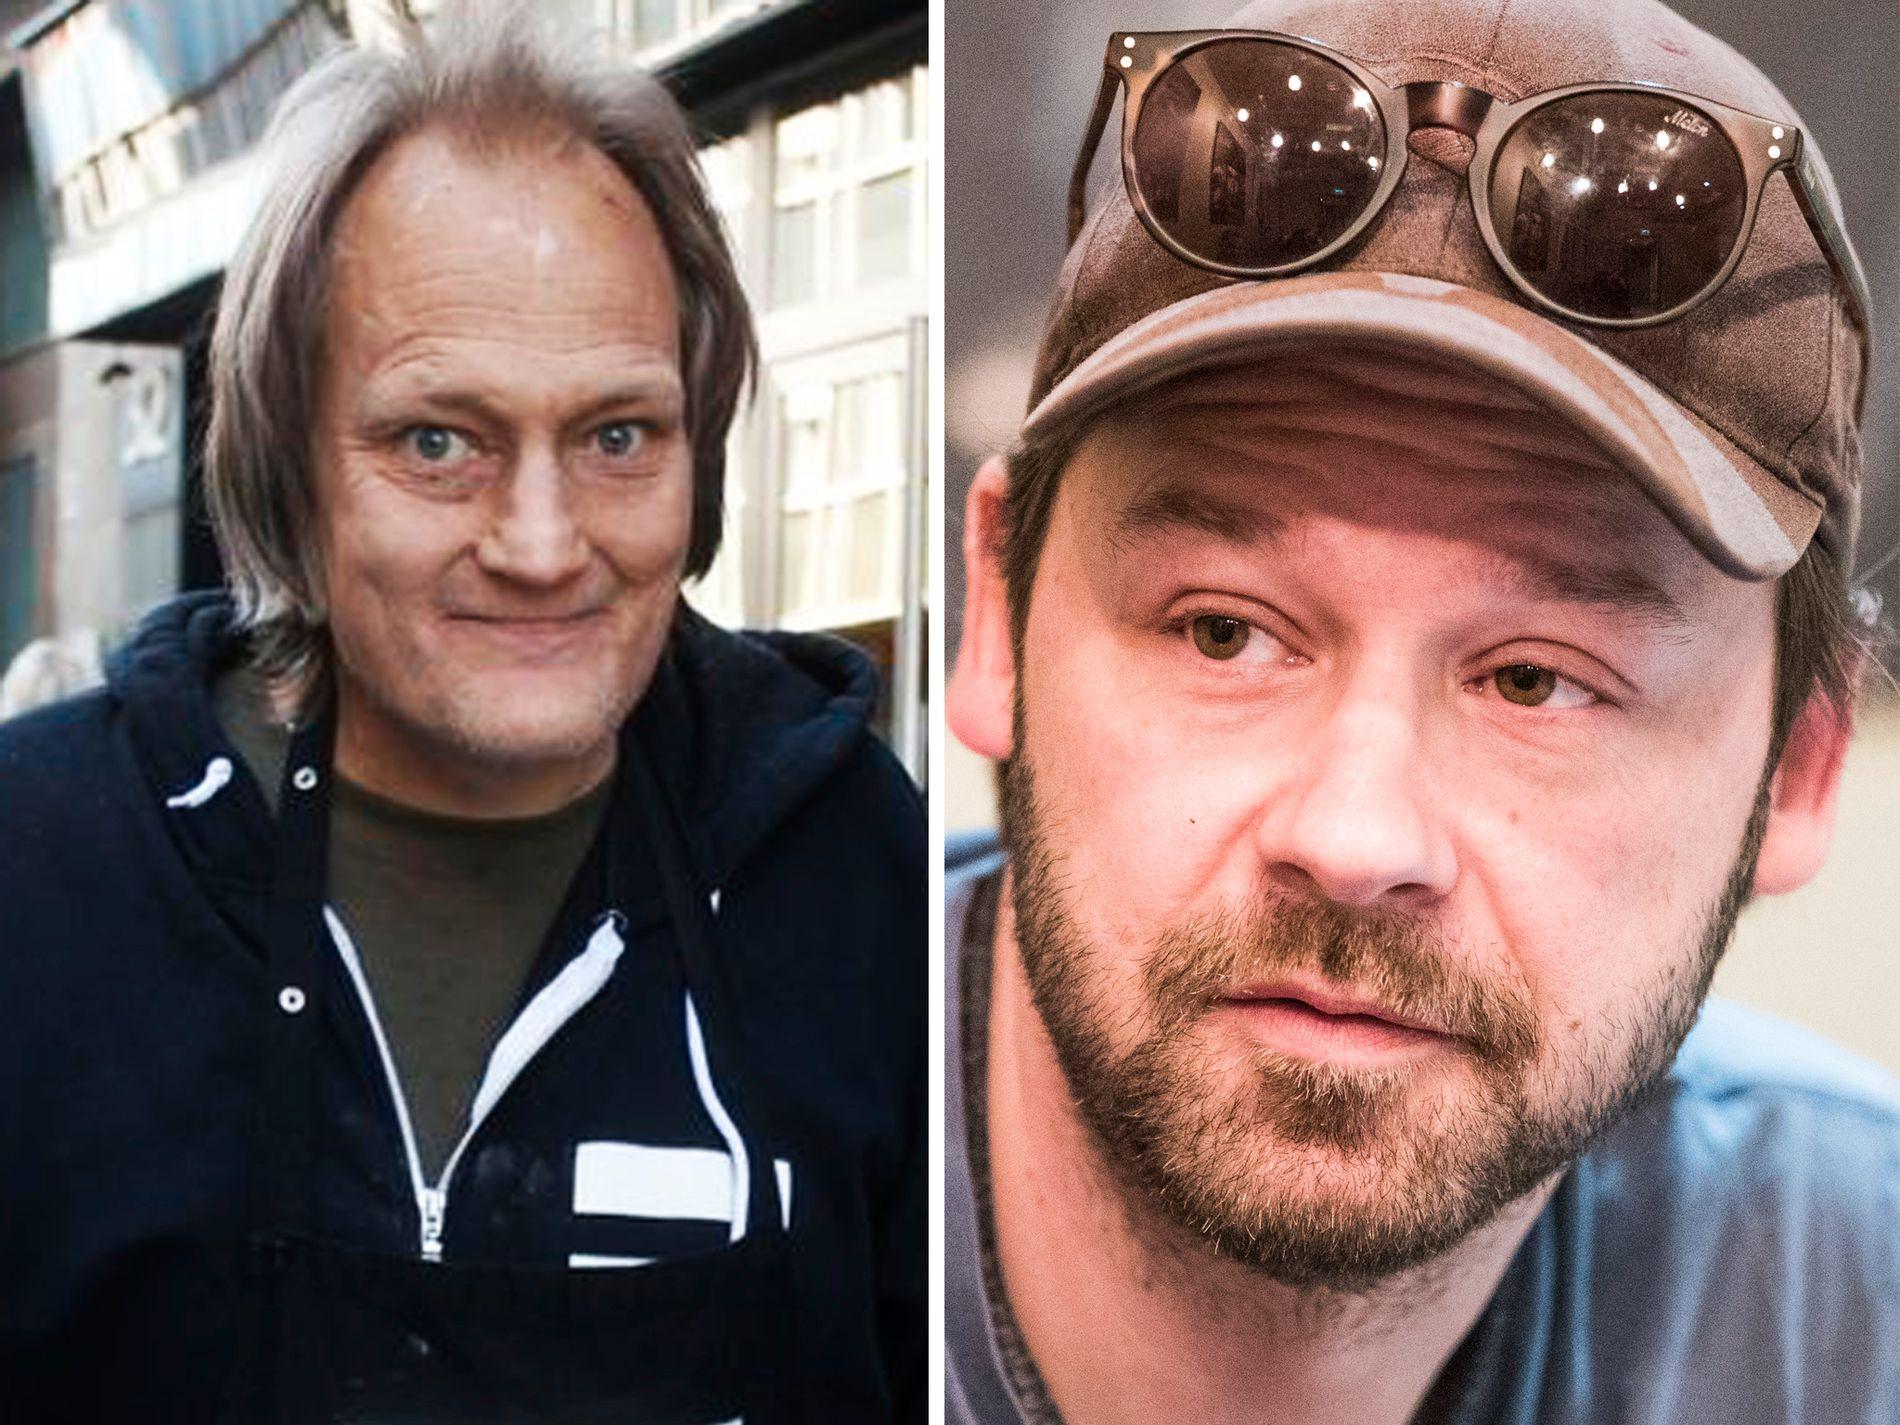 GODE VENNER: - Vi har hatt mange fine stunder sammen, sier Petter «Uteligger» Nyquist etter at han fikk vite at Christer Modin er død.